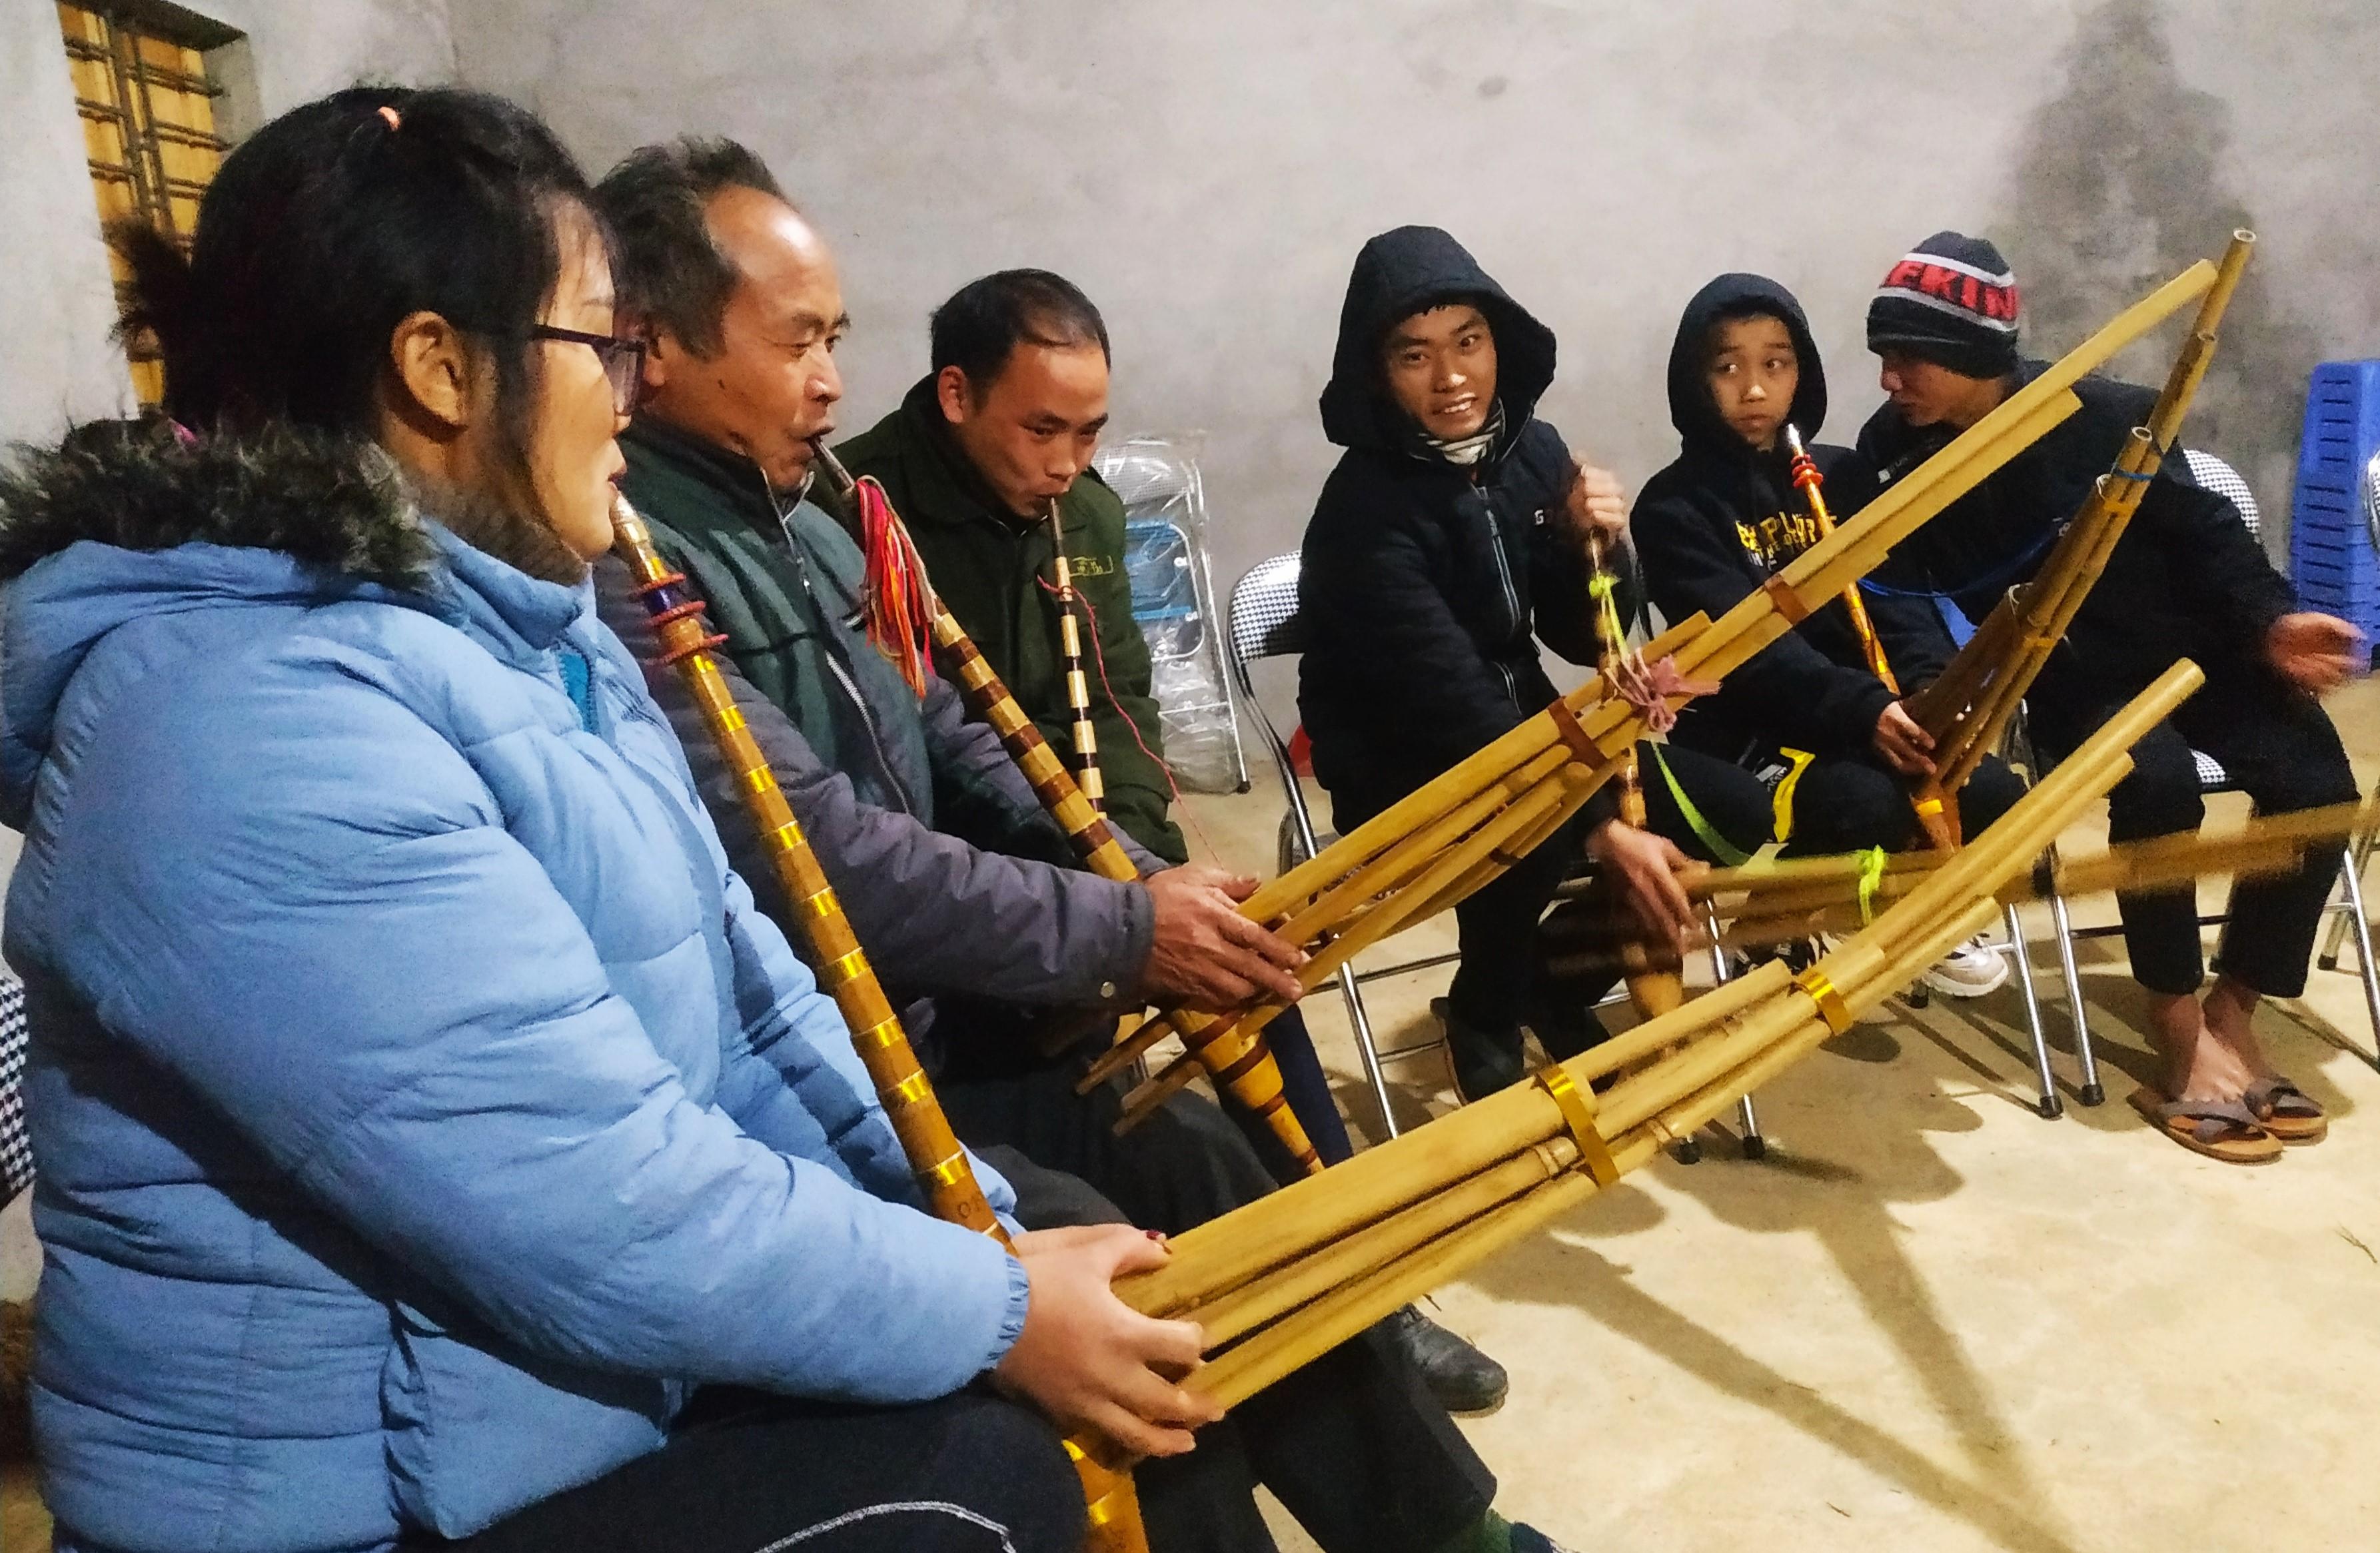 Một buổi truyền dạy khèn Mông của CLB khèn Mông Bắc Hà.